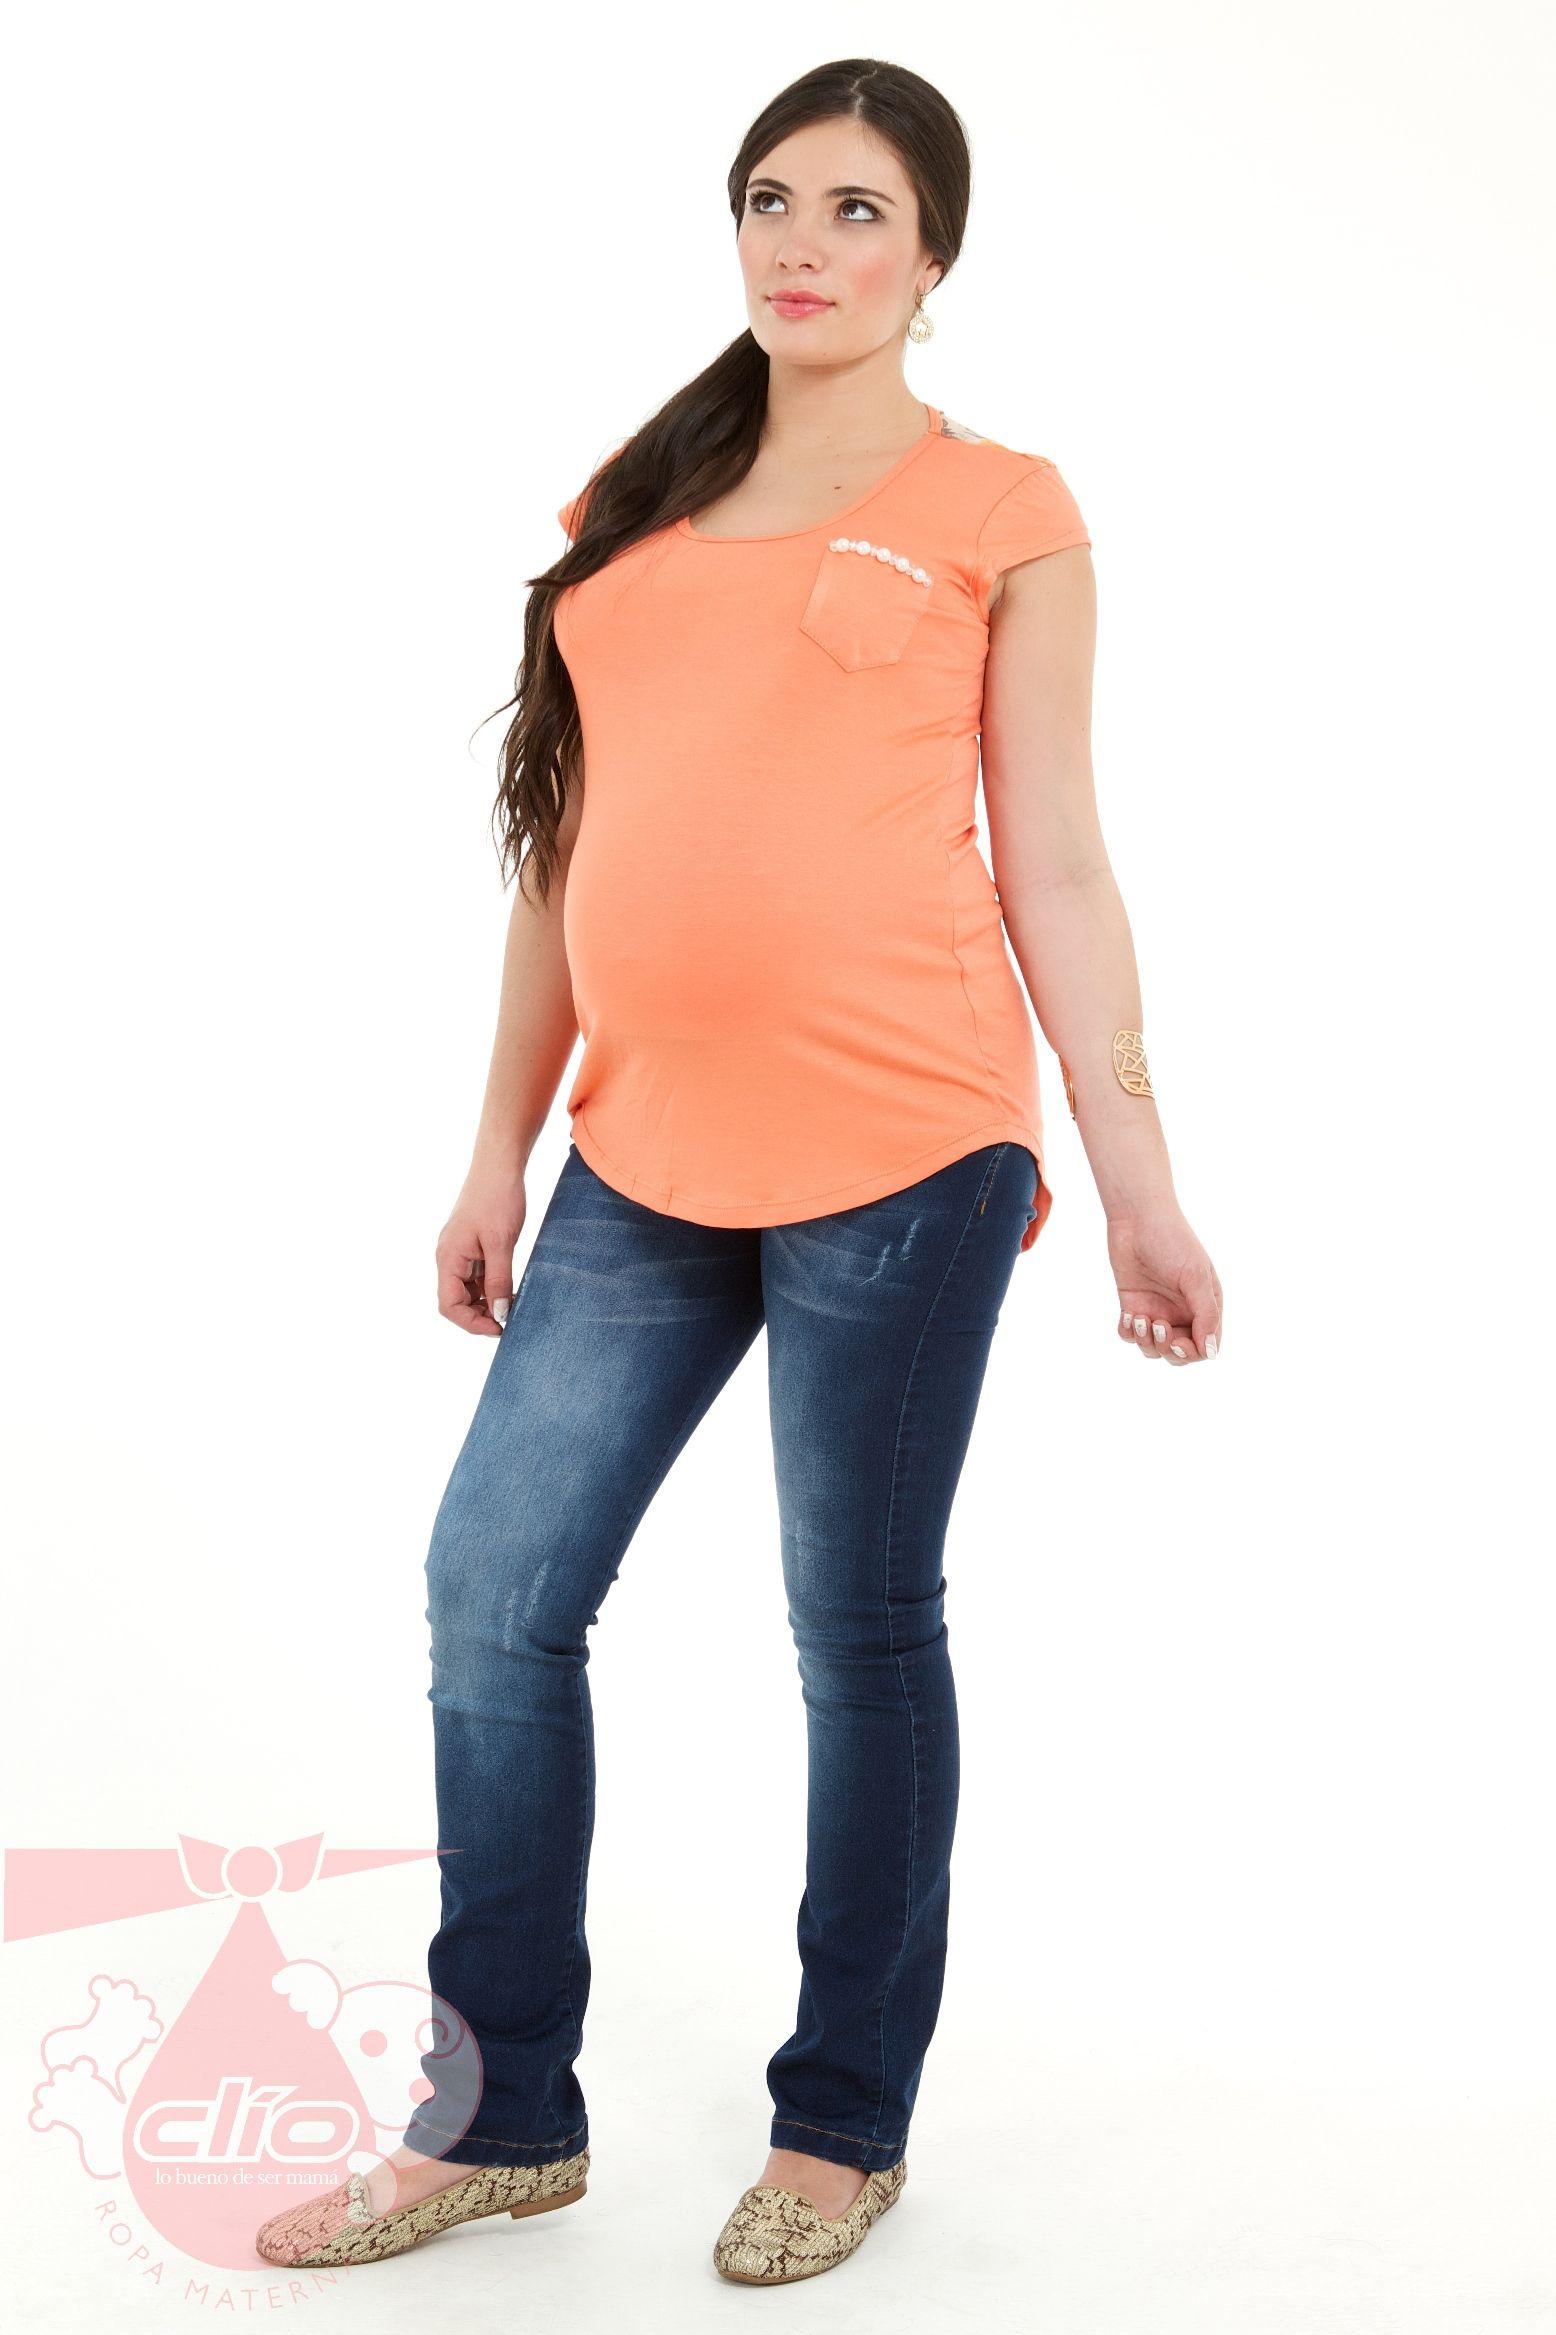 Vestidos de fiesta para embarazadas buenos aires